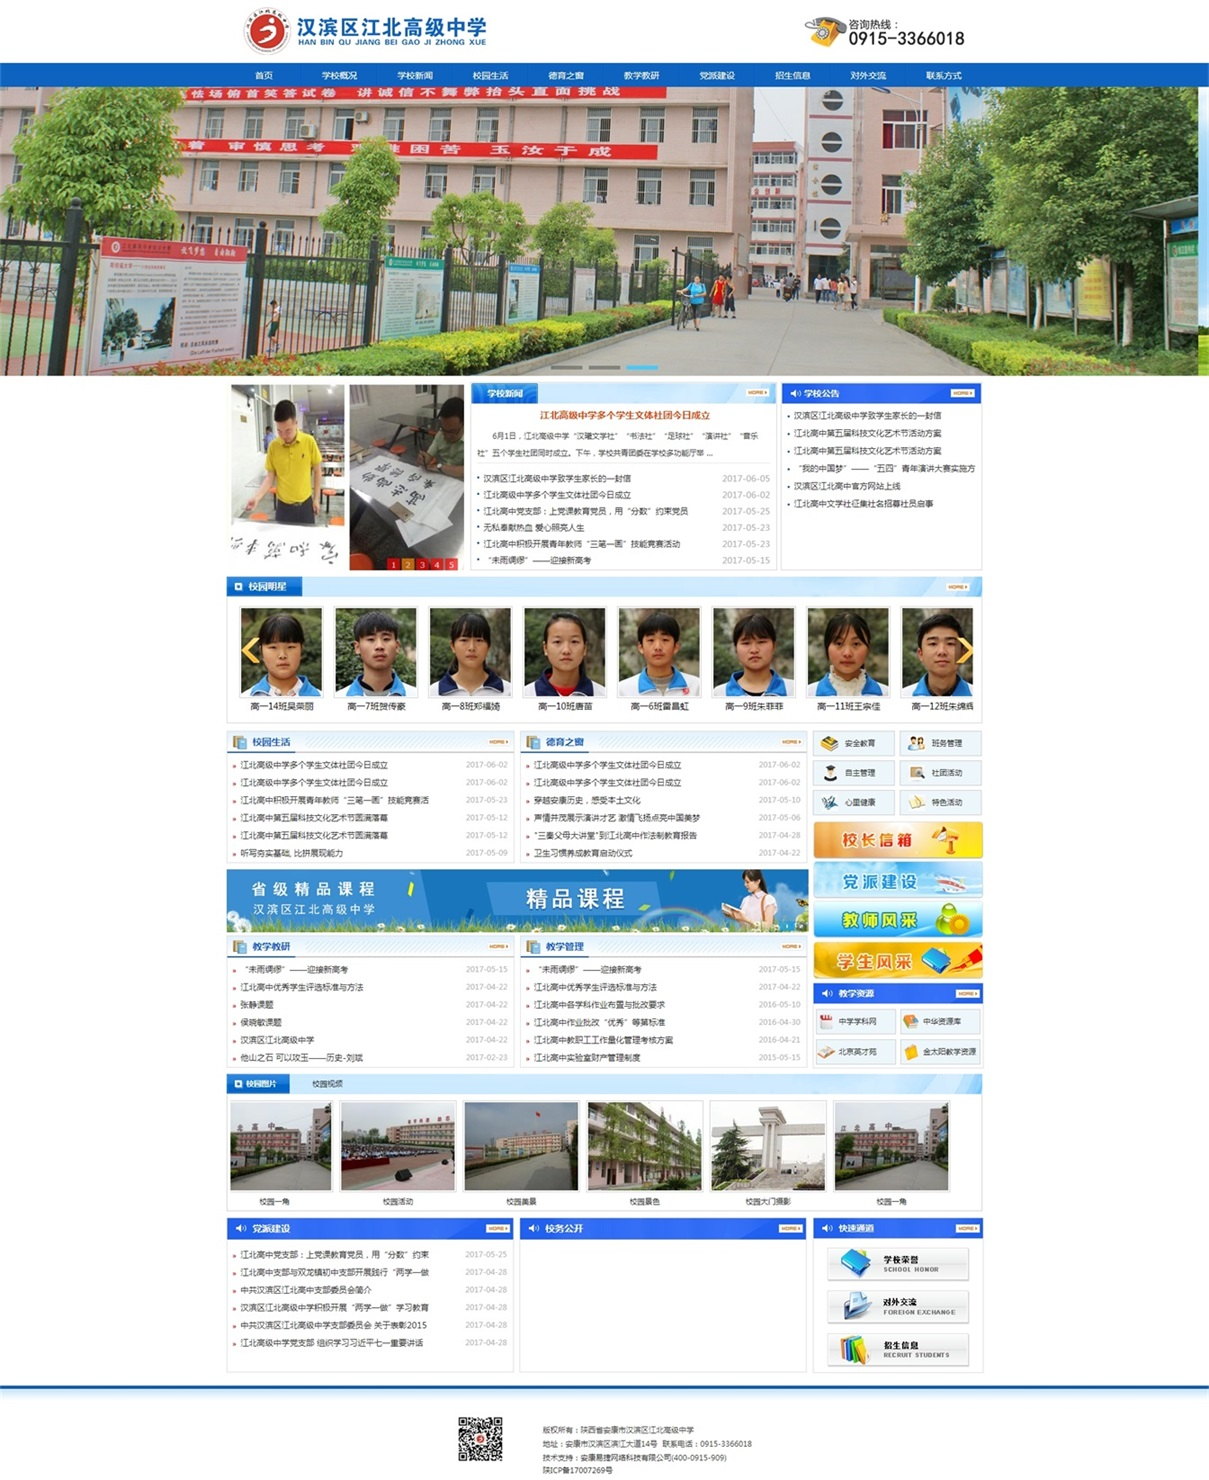 亿博平台客服市汉滨区江北高级中学.jpg